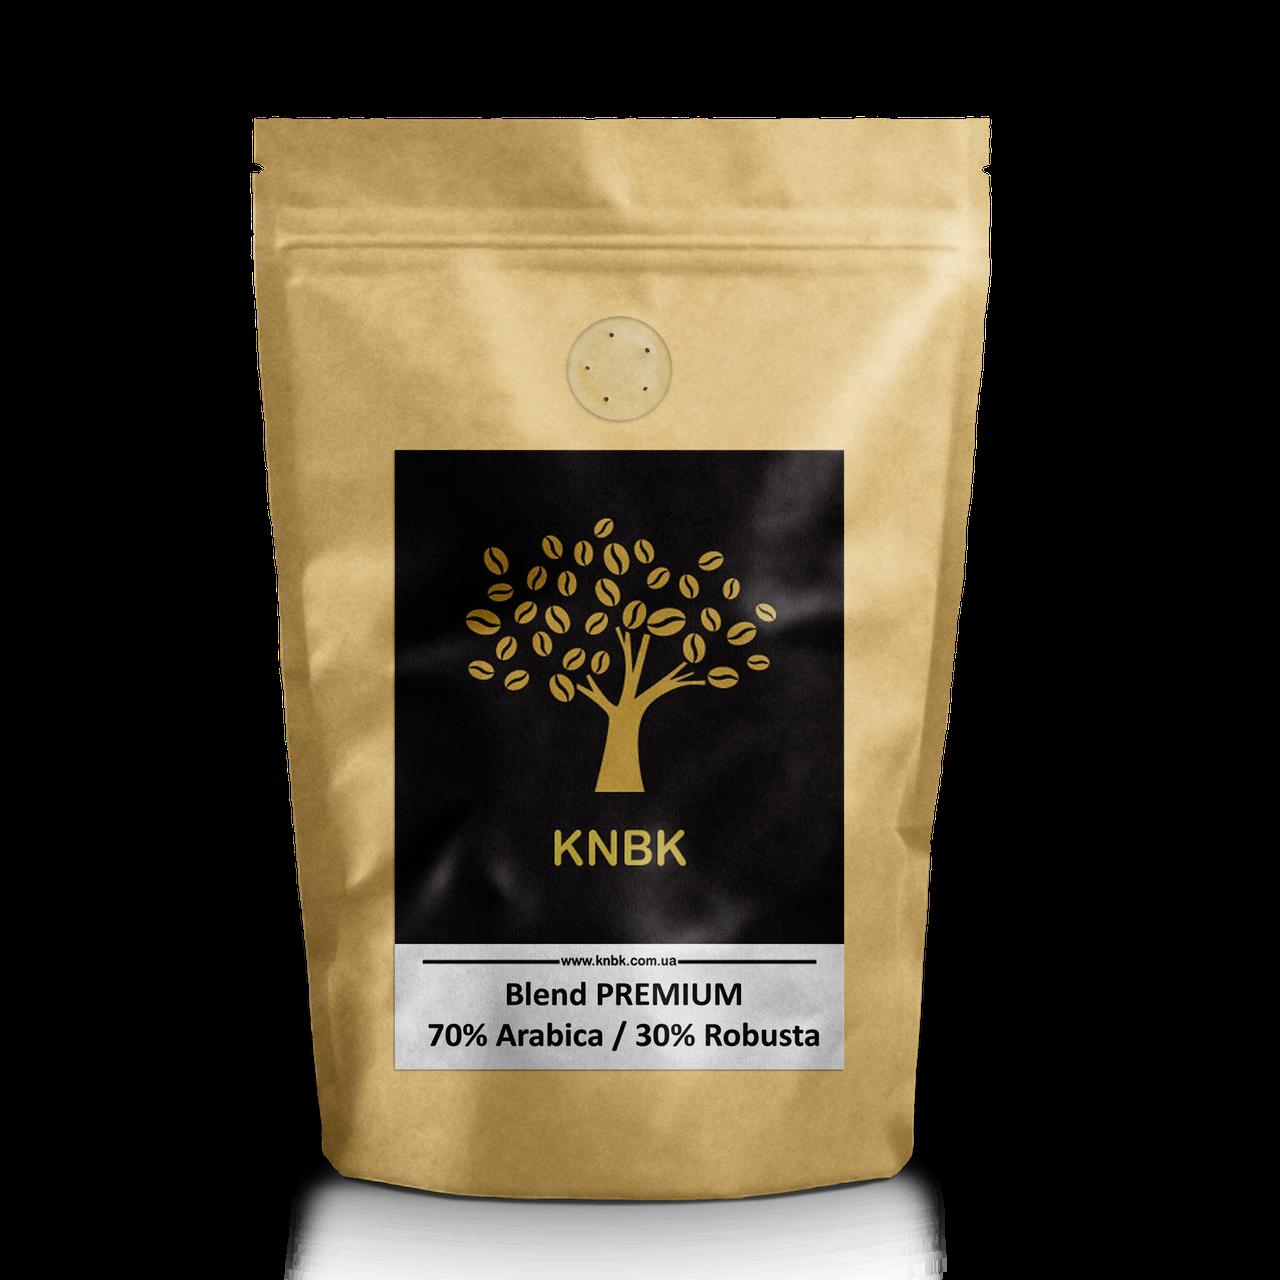 Купаж сортов KNBK PREMIUM Арабика 70 % / Робуста 30 % 500гр. Свежеобжаренный кофе